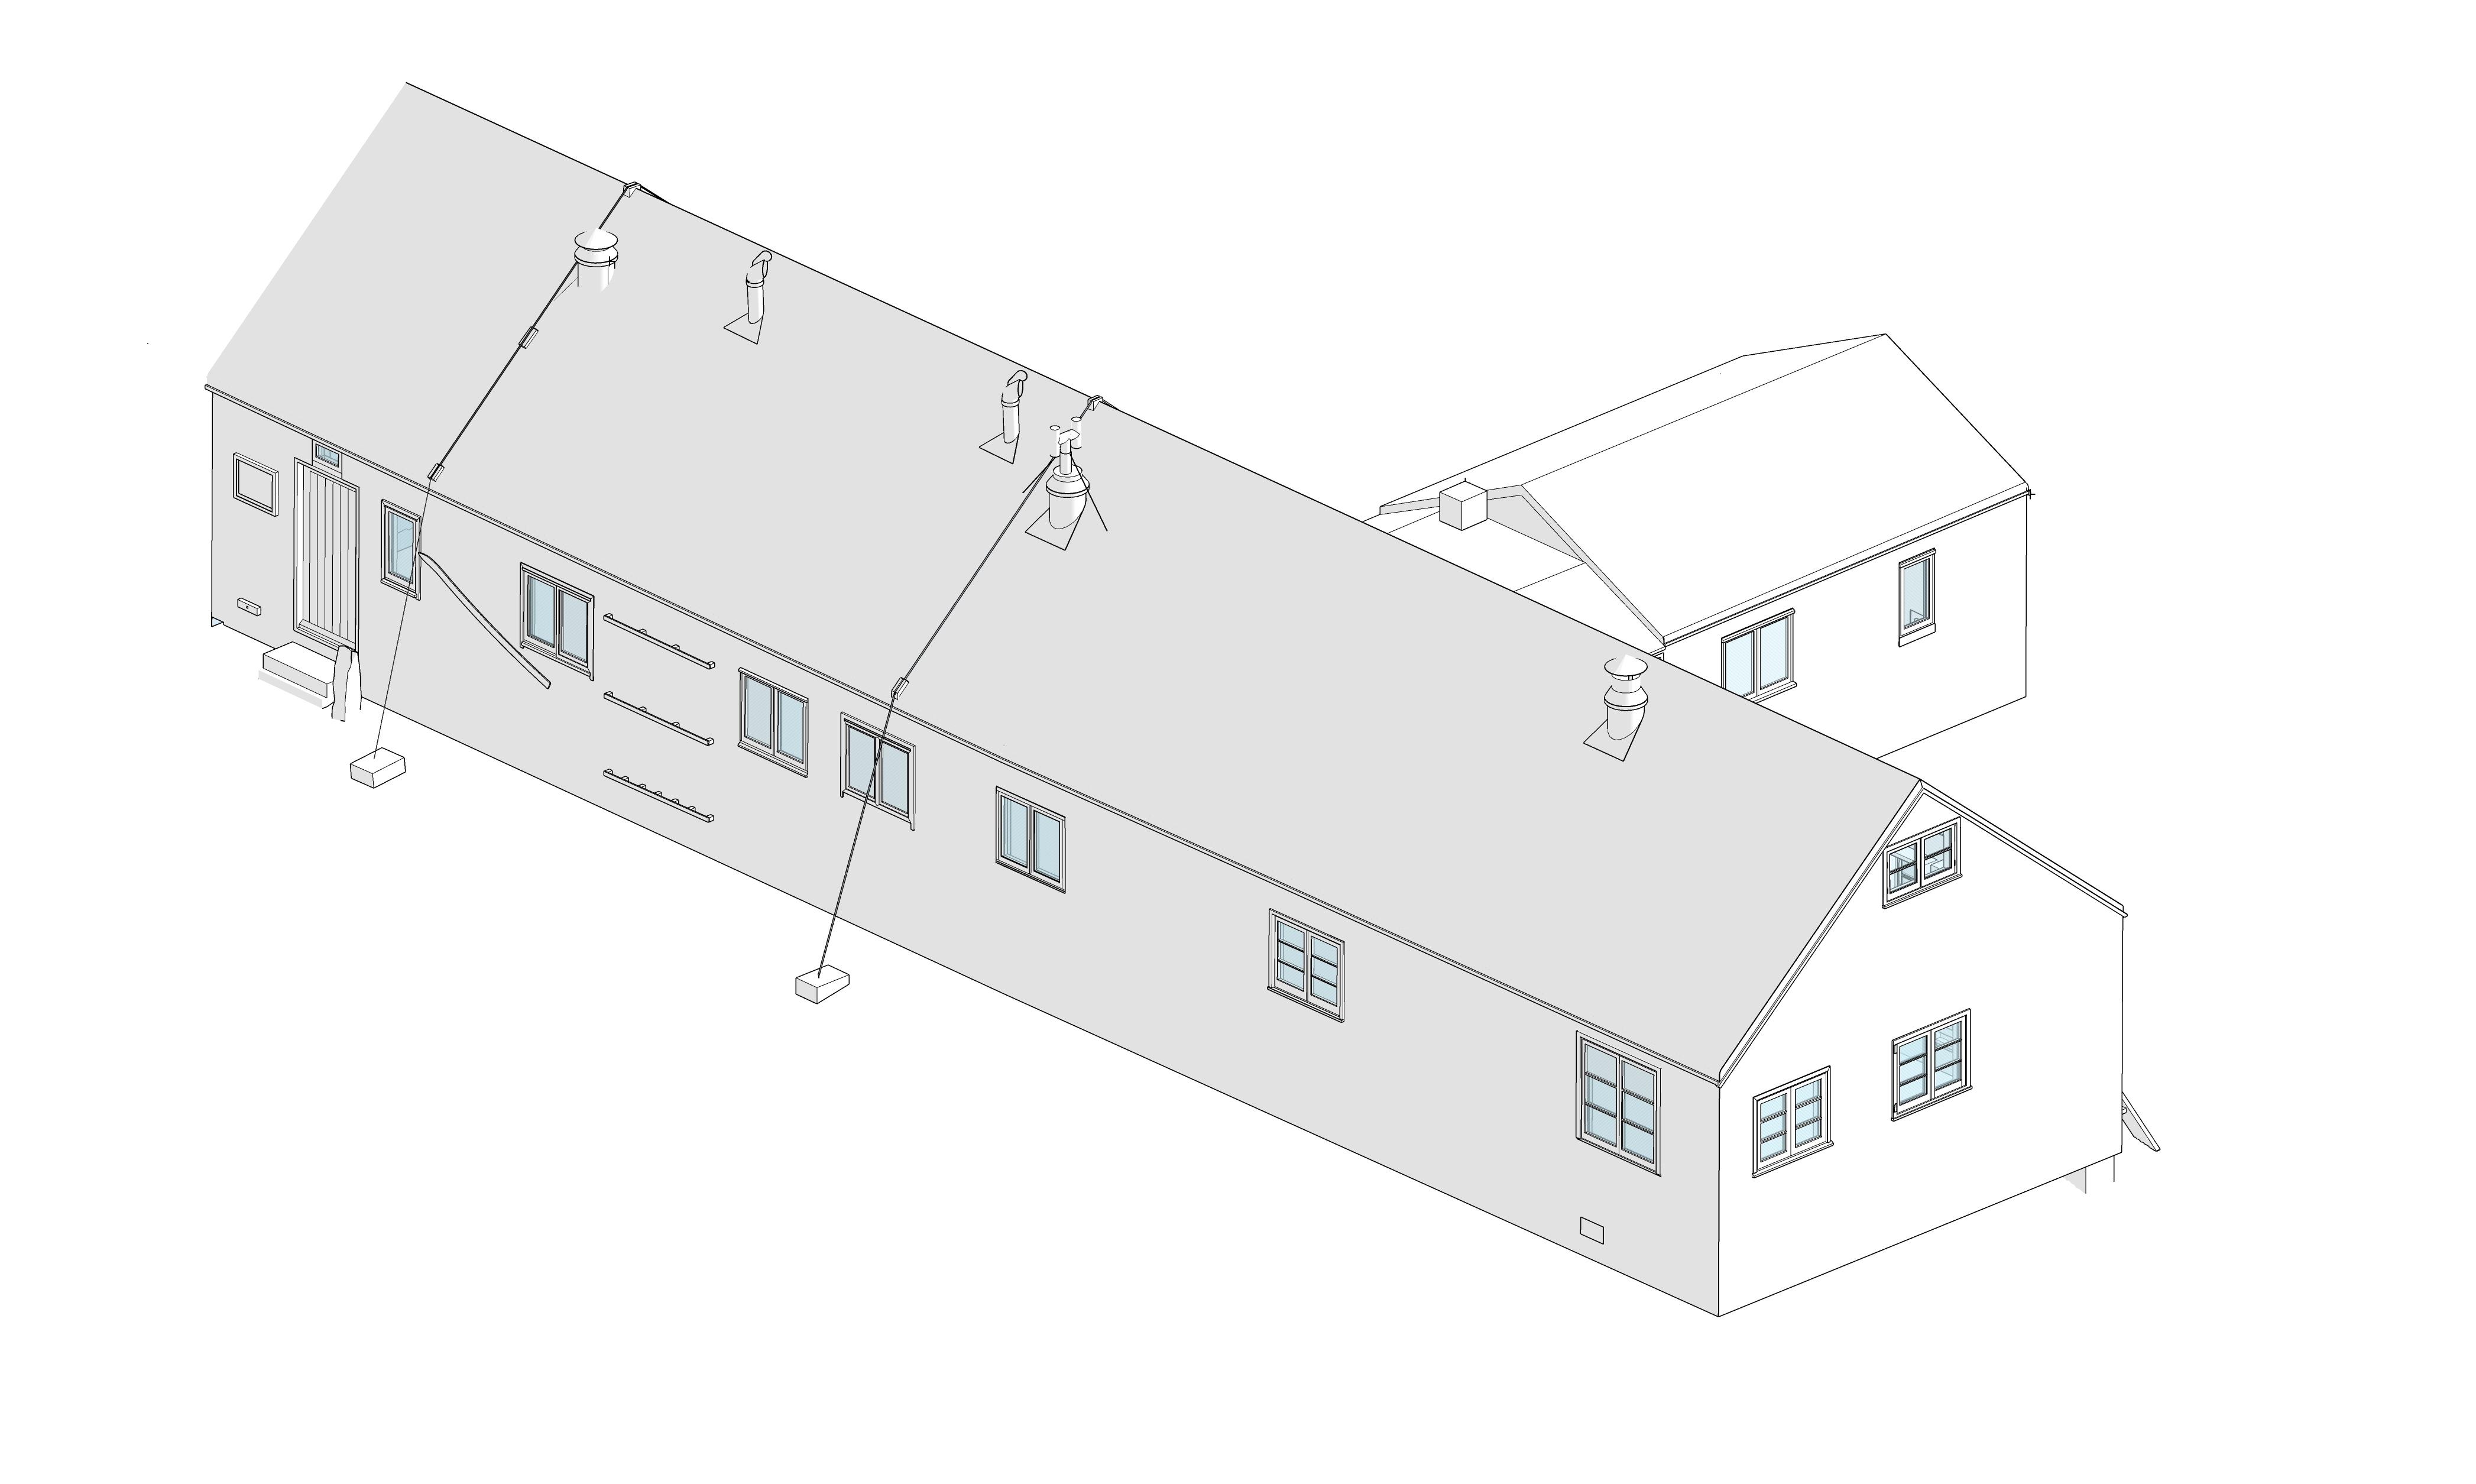 View of BIM model